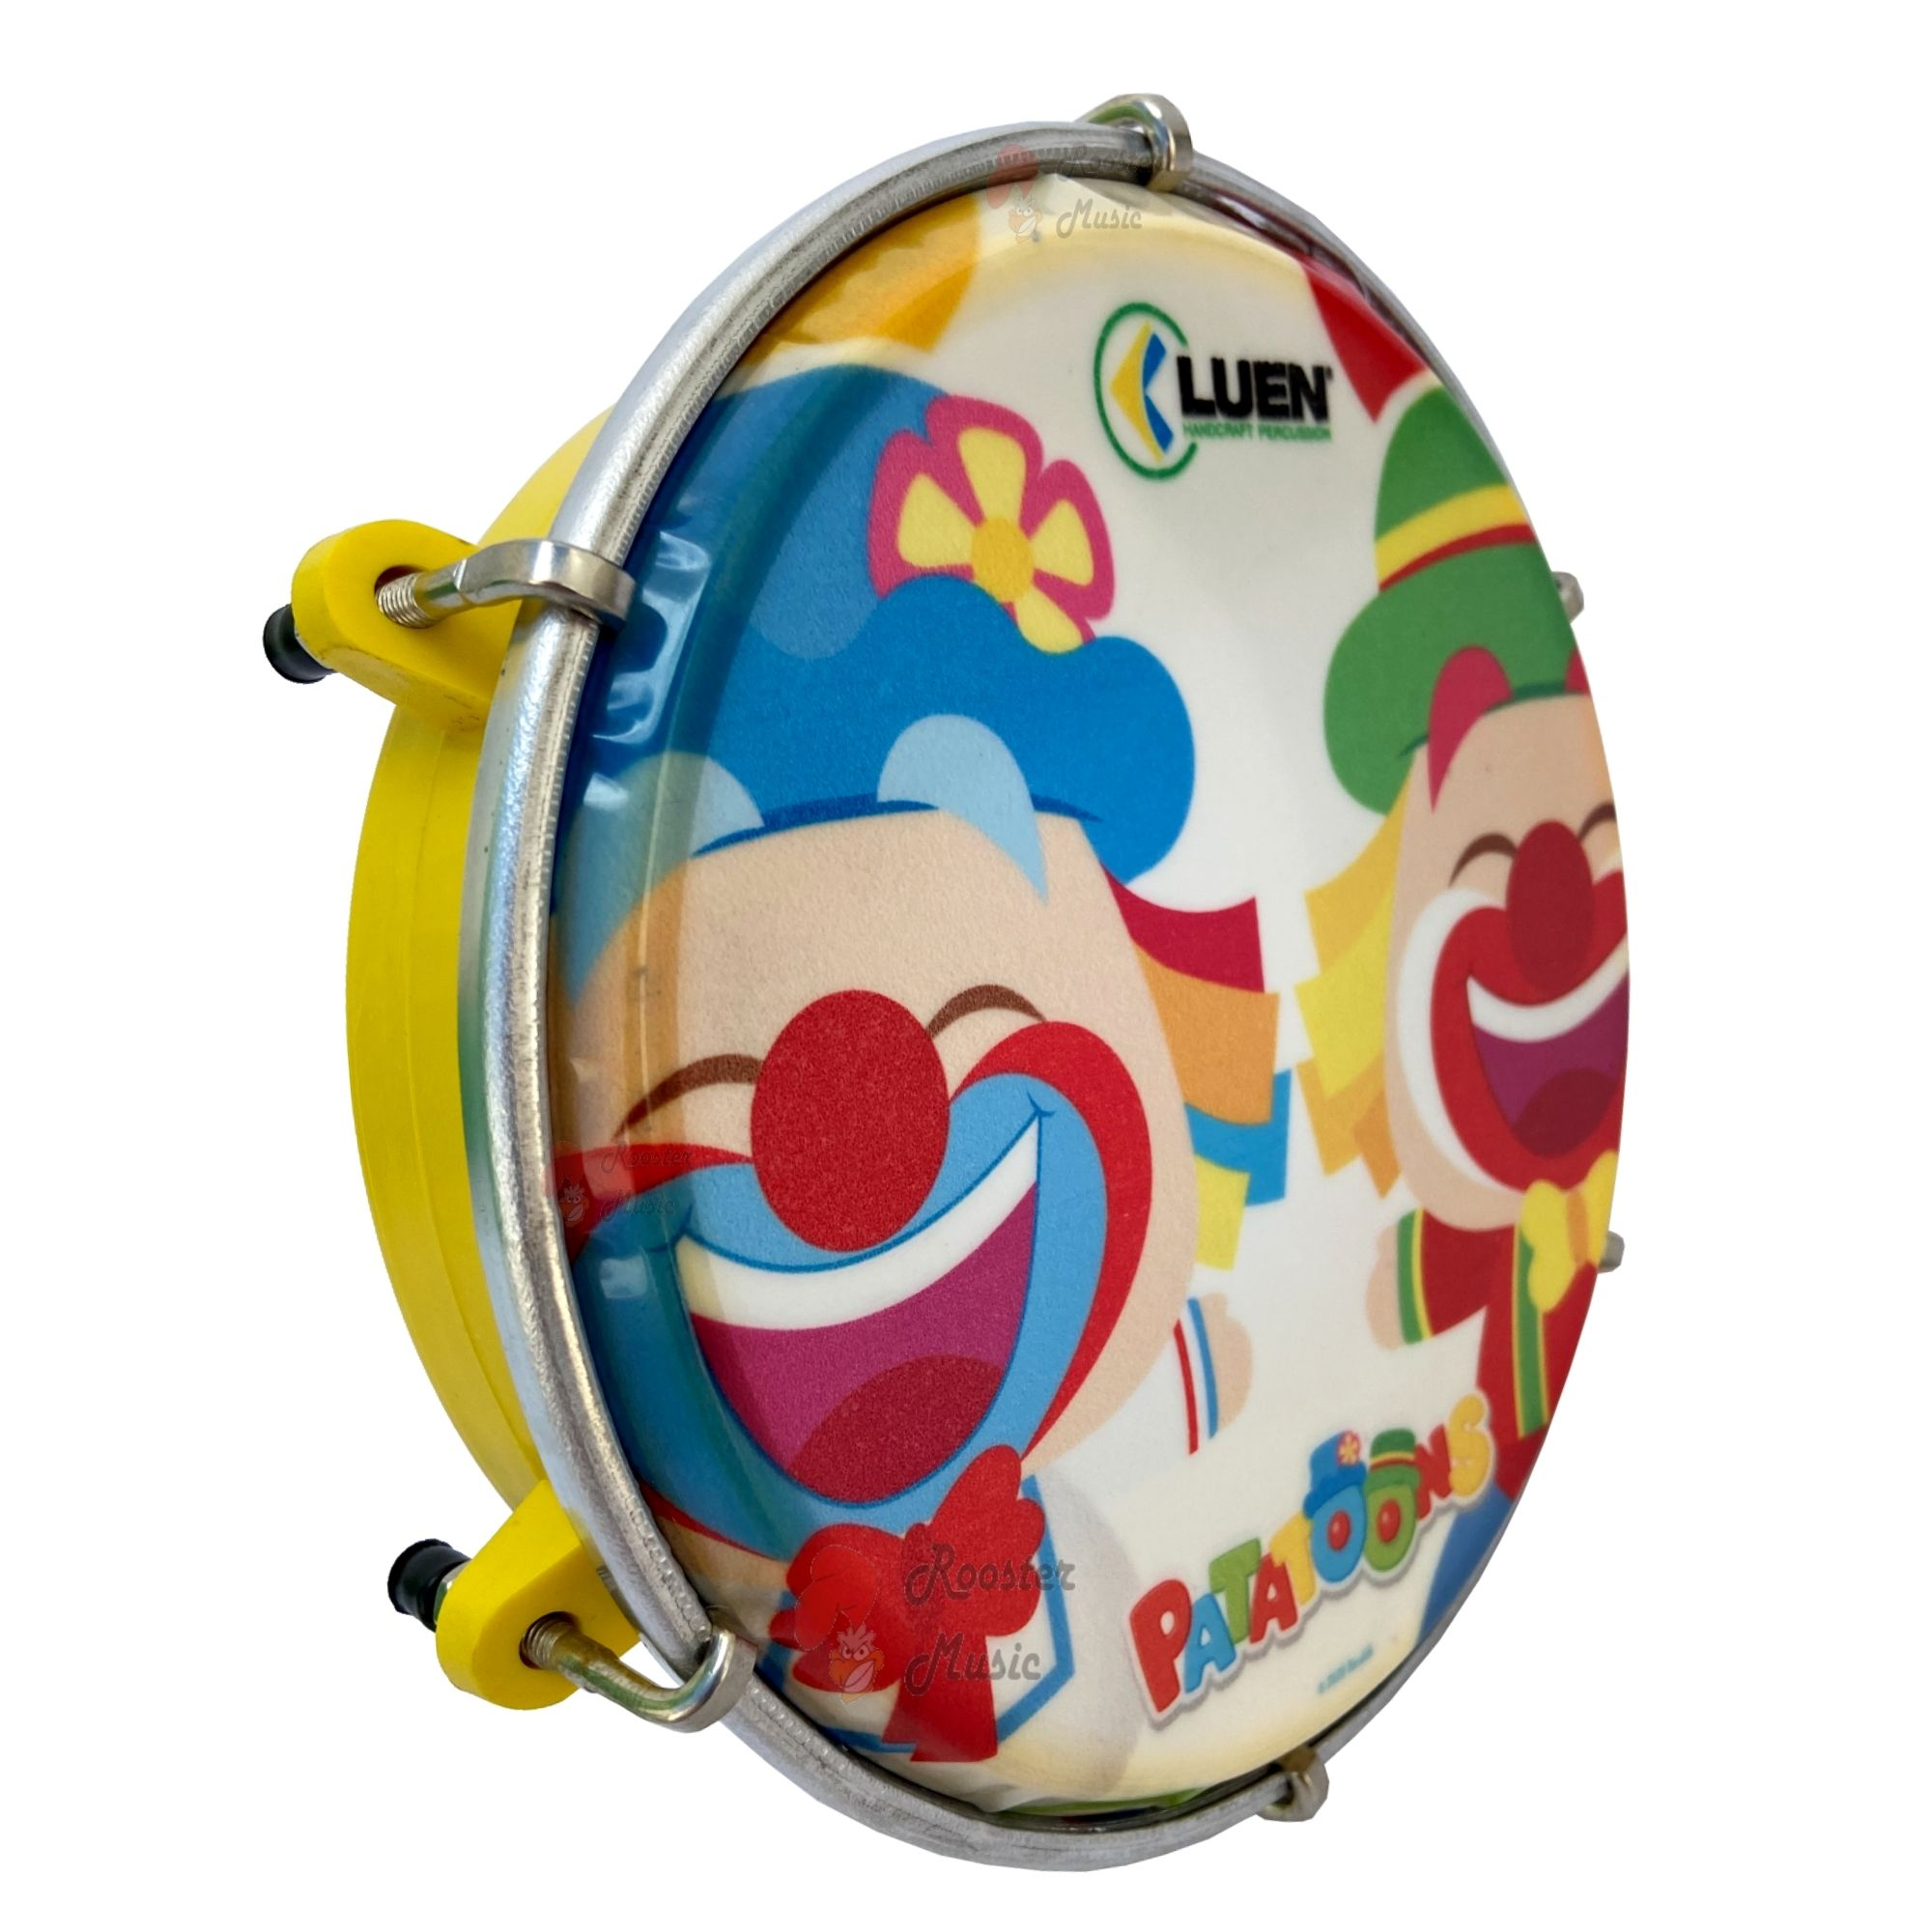 Tamborim Infantil Patati Patata de 6 polegadas da Luen, Pele Personalizada, corpo em Abs e com baqueta.